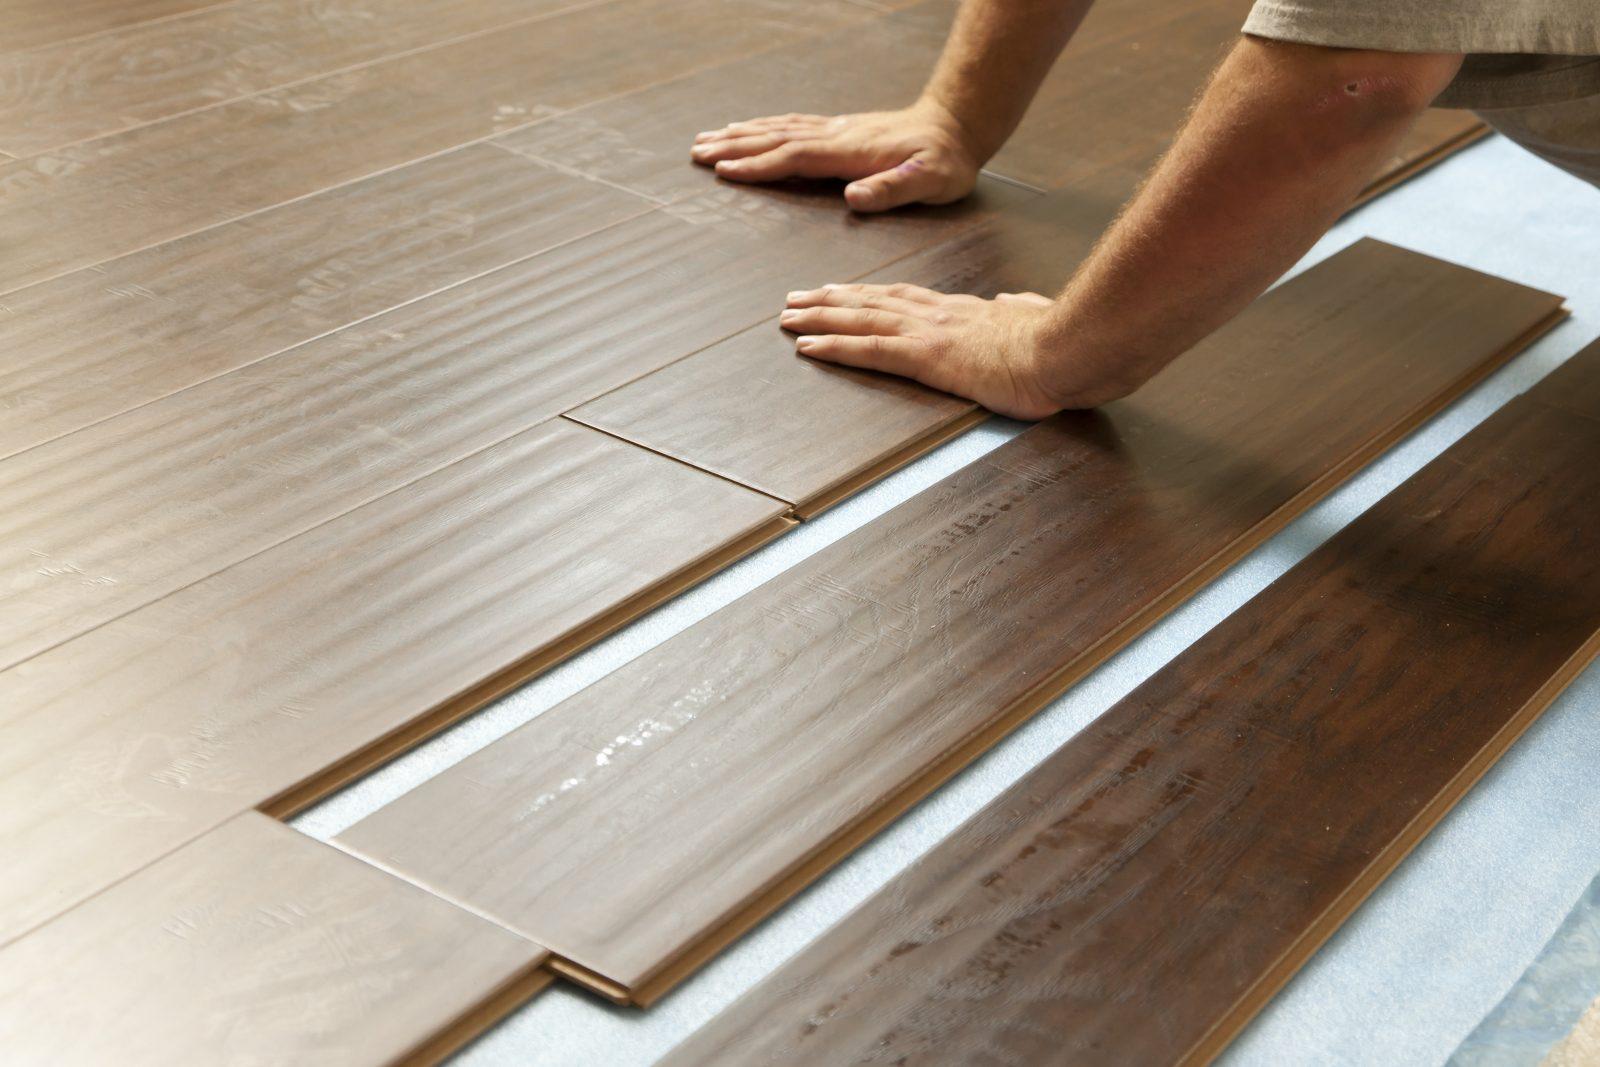 Man installing new Laminate Flooring | Wacky's Flooring